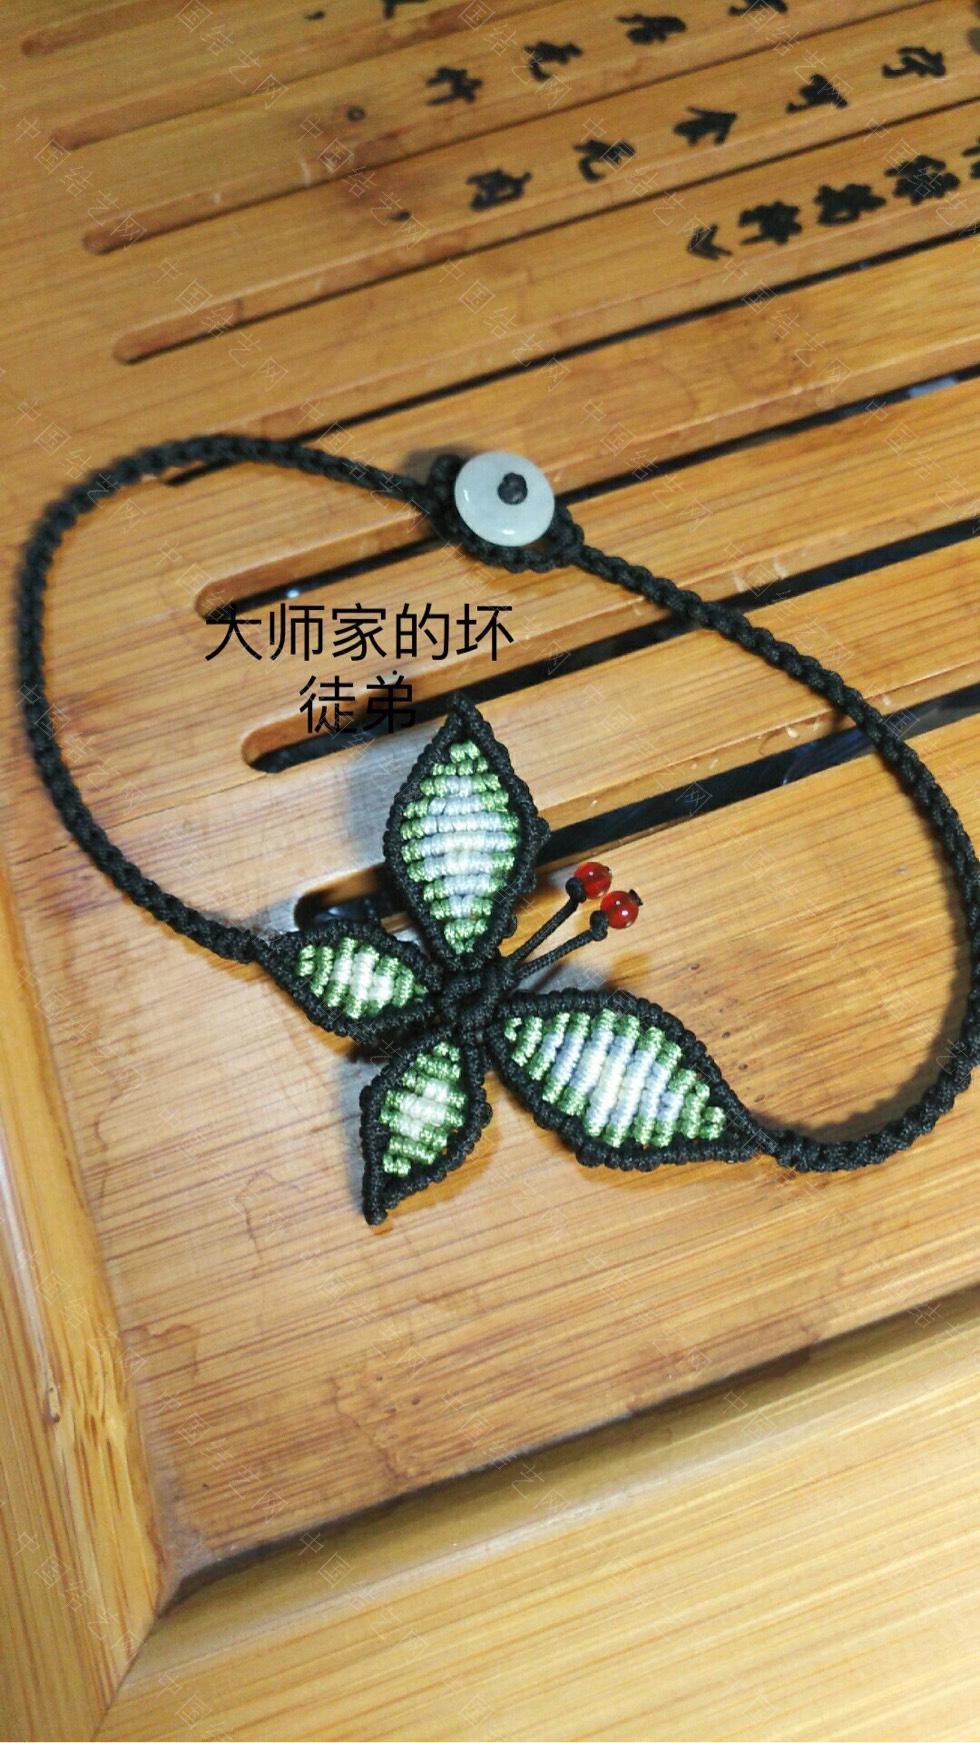 中国结论坛 脚链 脚不要随便戴红绳,为什么说尽量不戴脚链,女孩子为啥不能戴脚链,戴脚链的禁忌 作品展示 075029suq0xerqq4ig5ay5